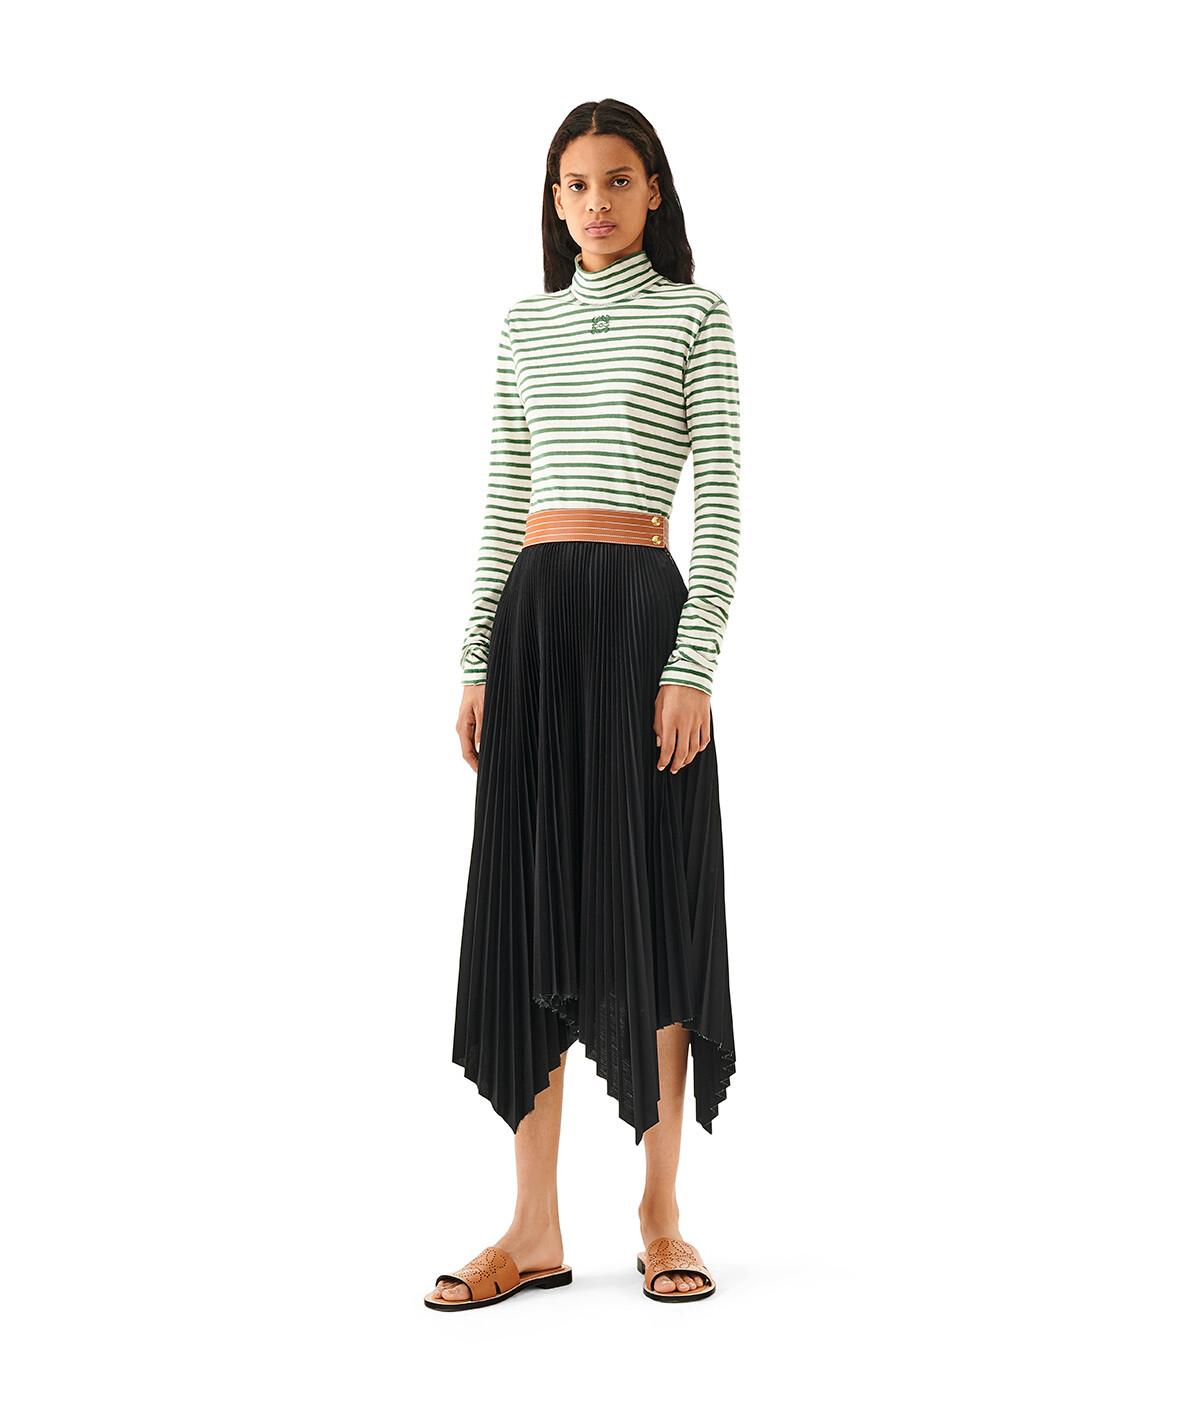 LOEWE Pleated Skirt Negro/Bronceado front